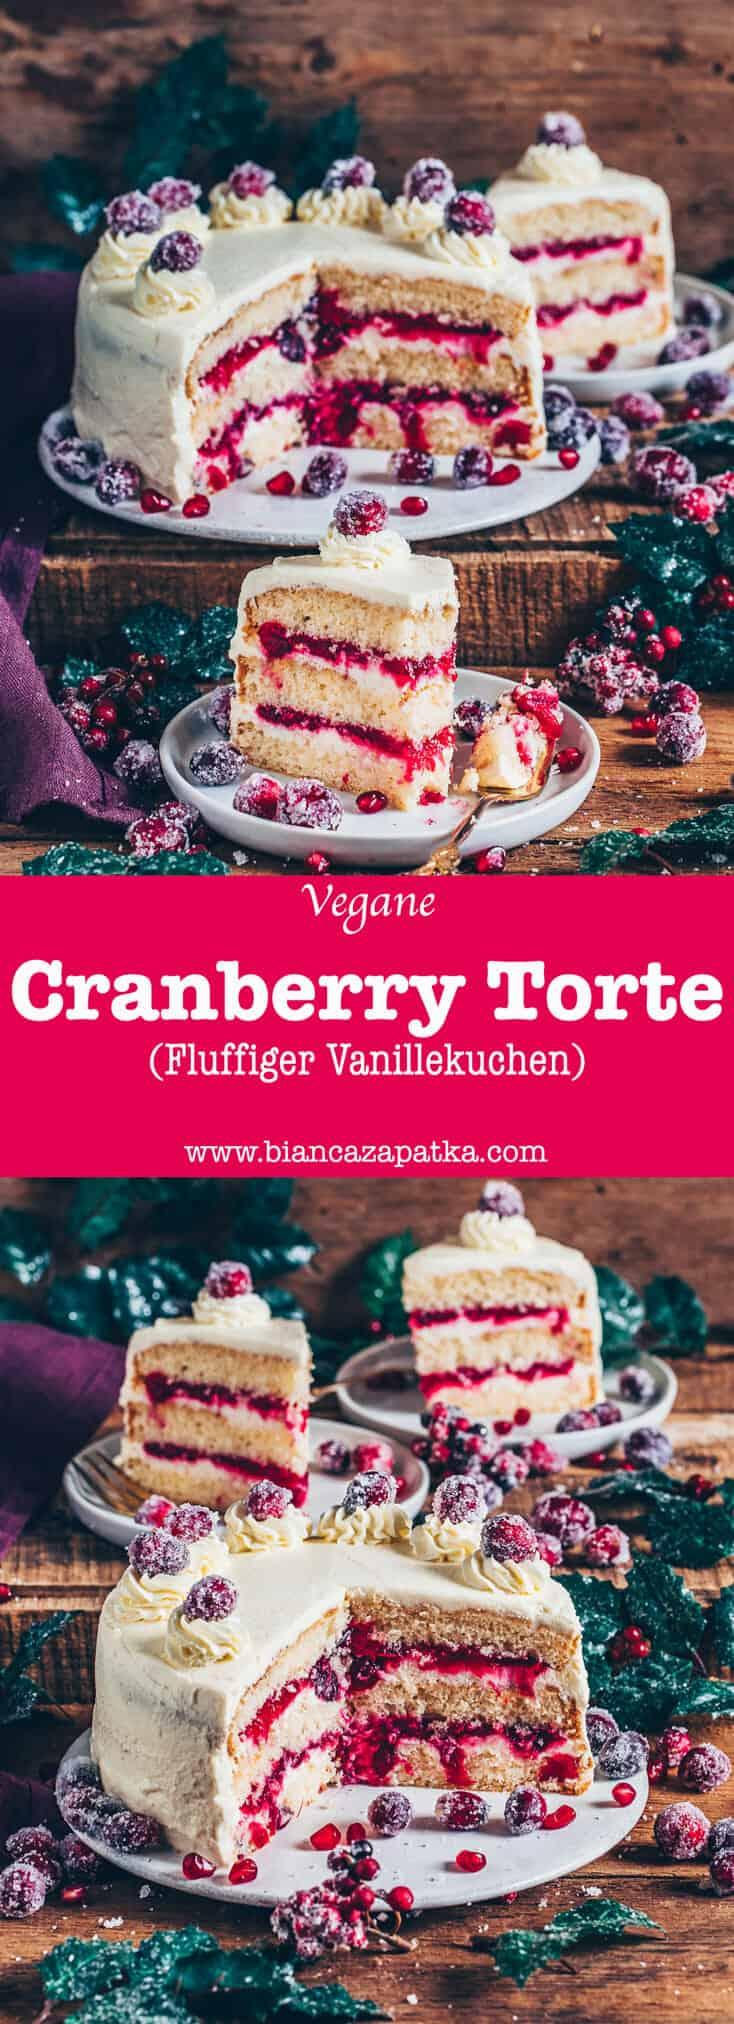 Diese Vegane Cranberry-Torte besteht aus fluffigen Vanillekuchen-Schichten, die mit Cranberry-Kompott und einer sahnigen Creme bestrichen sind. Es ist nicht nur ein köstliches Dessert zu Weihnachten, denn diese Vegane Torte macht garantiert jeden Tag besonders!